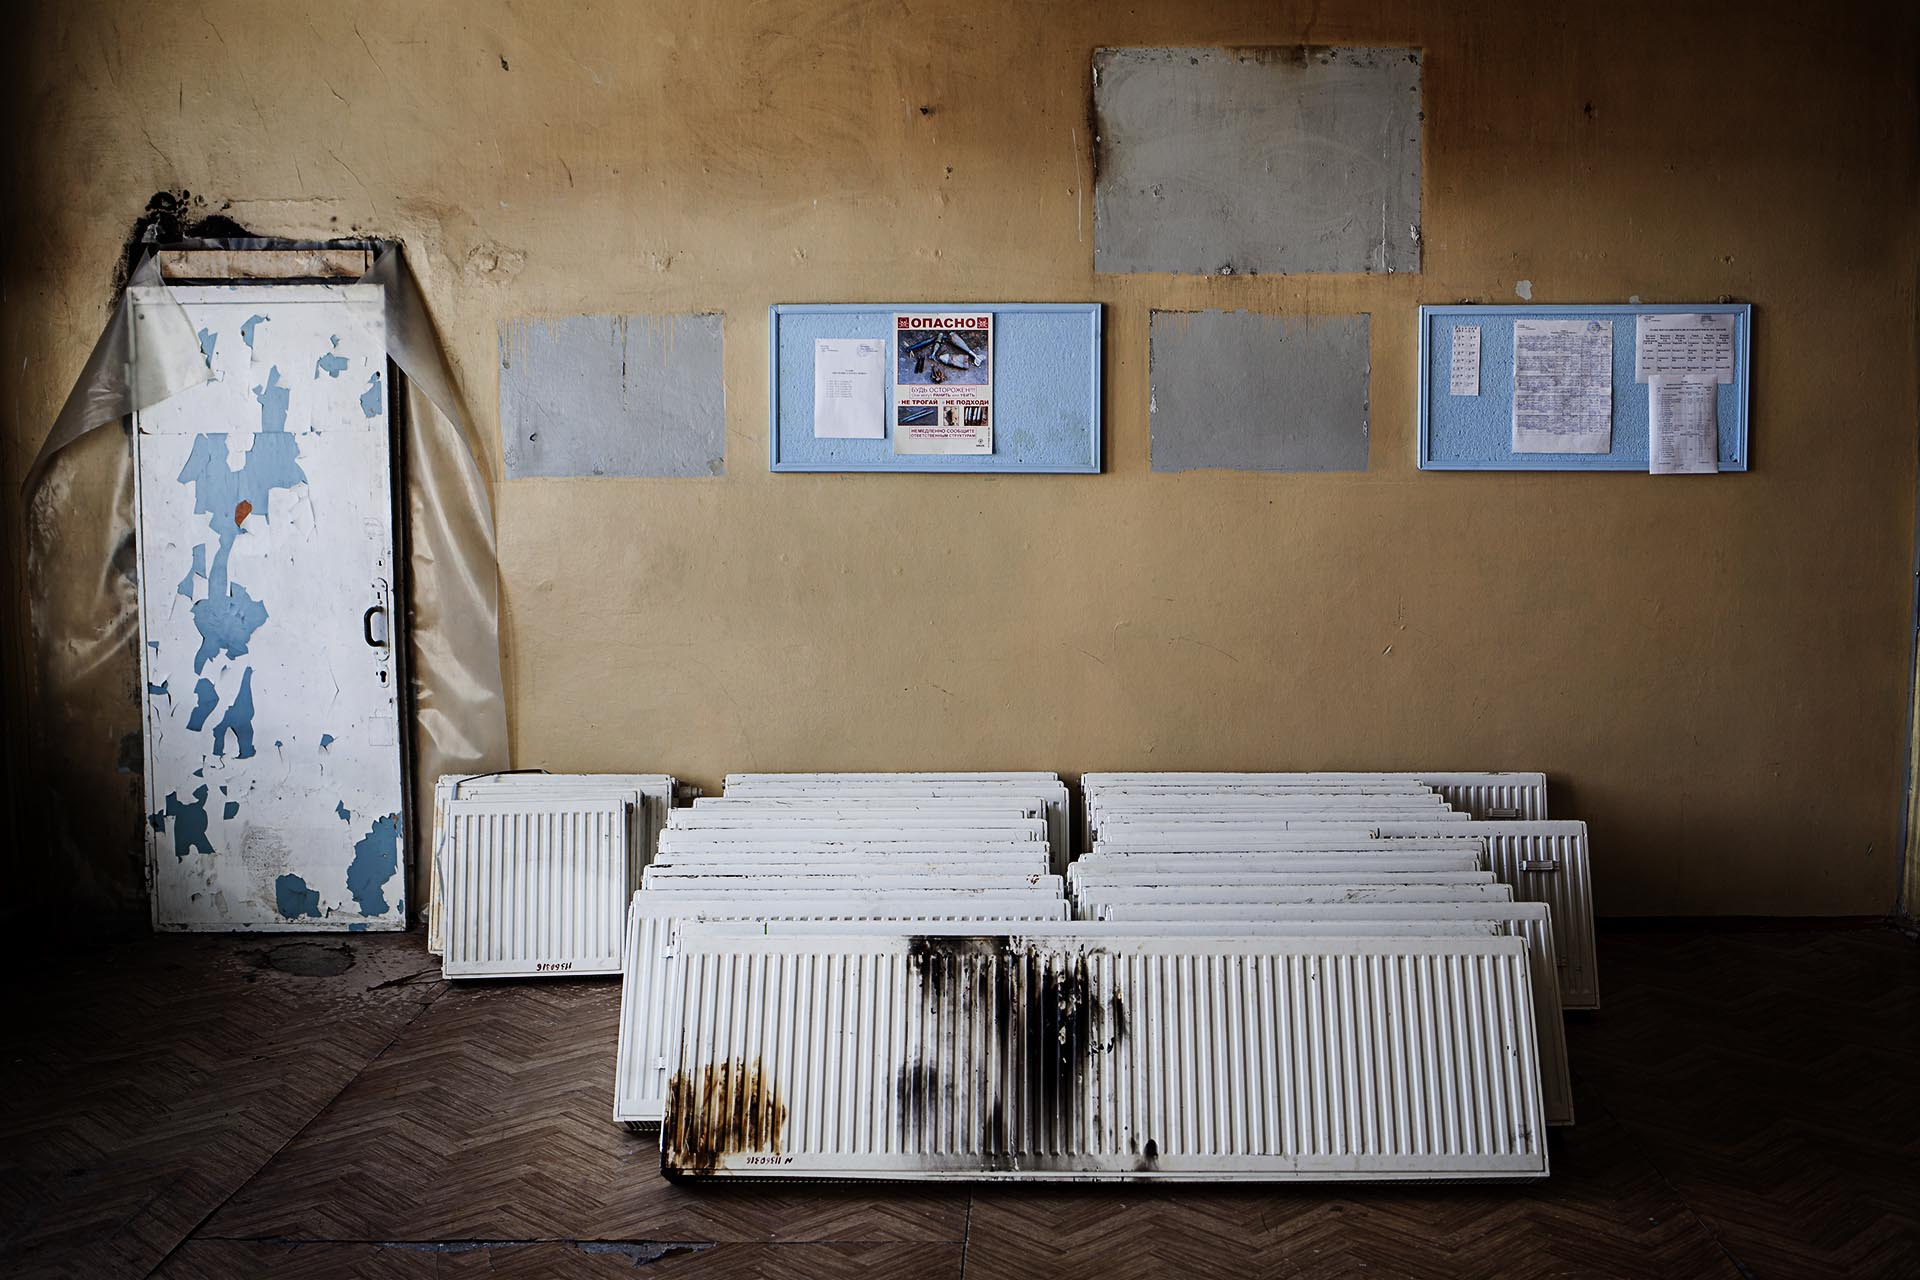 Colegio en rehabilitación tras ser gravemente dañado por artillería durante el conflicto / (región de Donetsk).